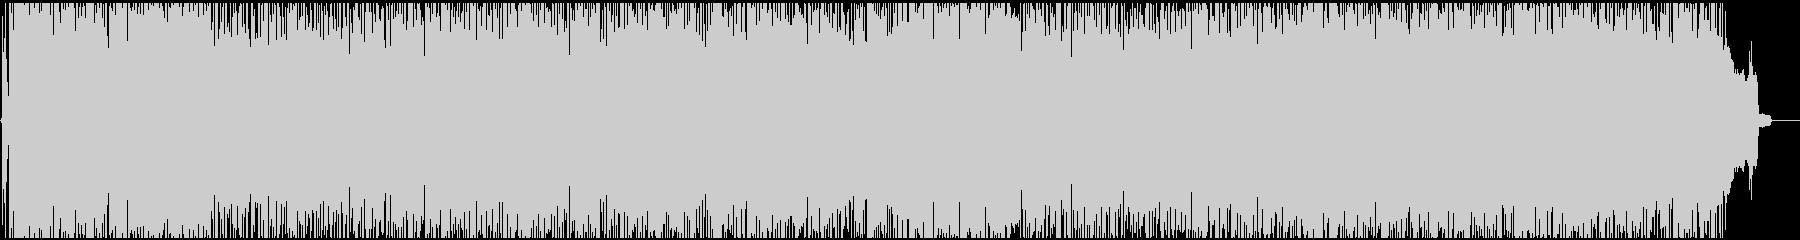 エネルギッシュで勢いのあるノリノリロックの未再生の波形